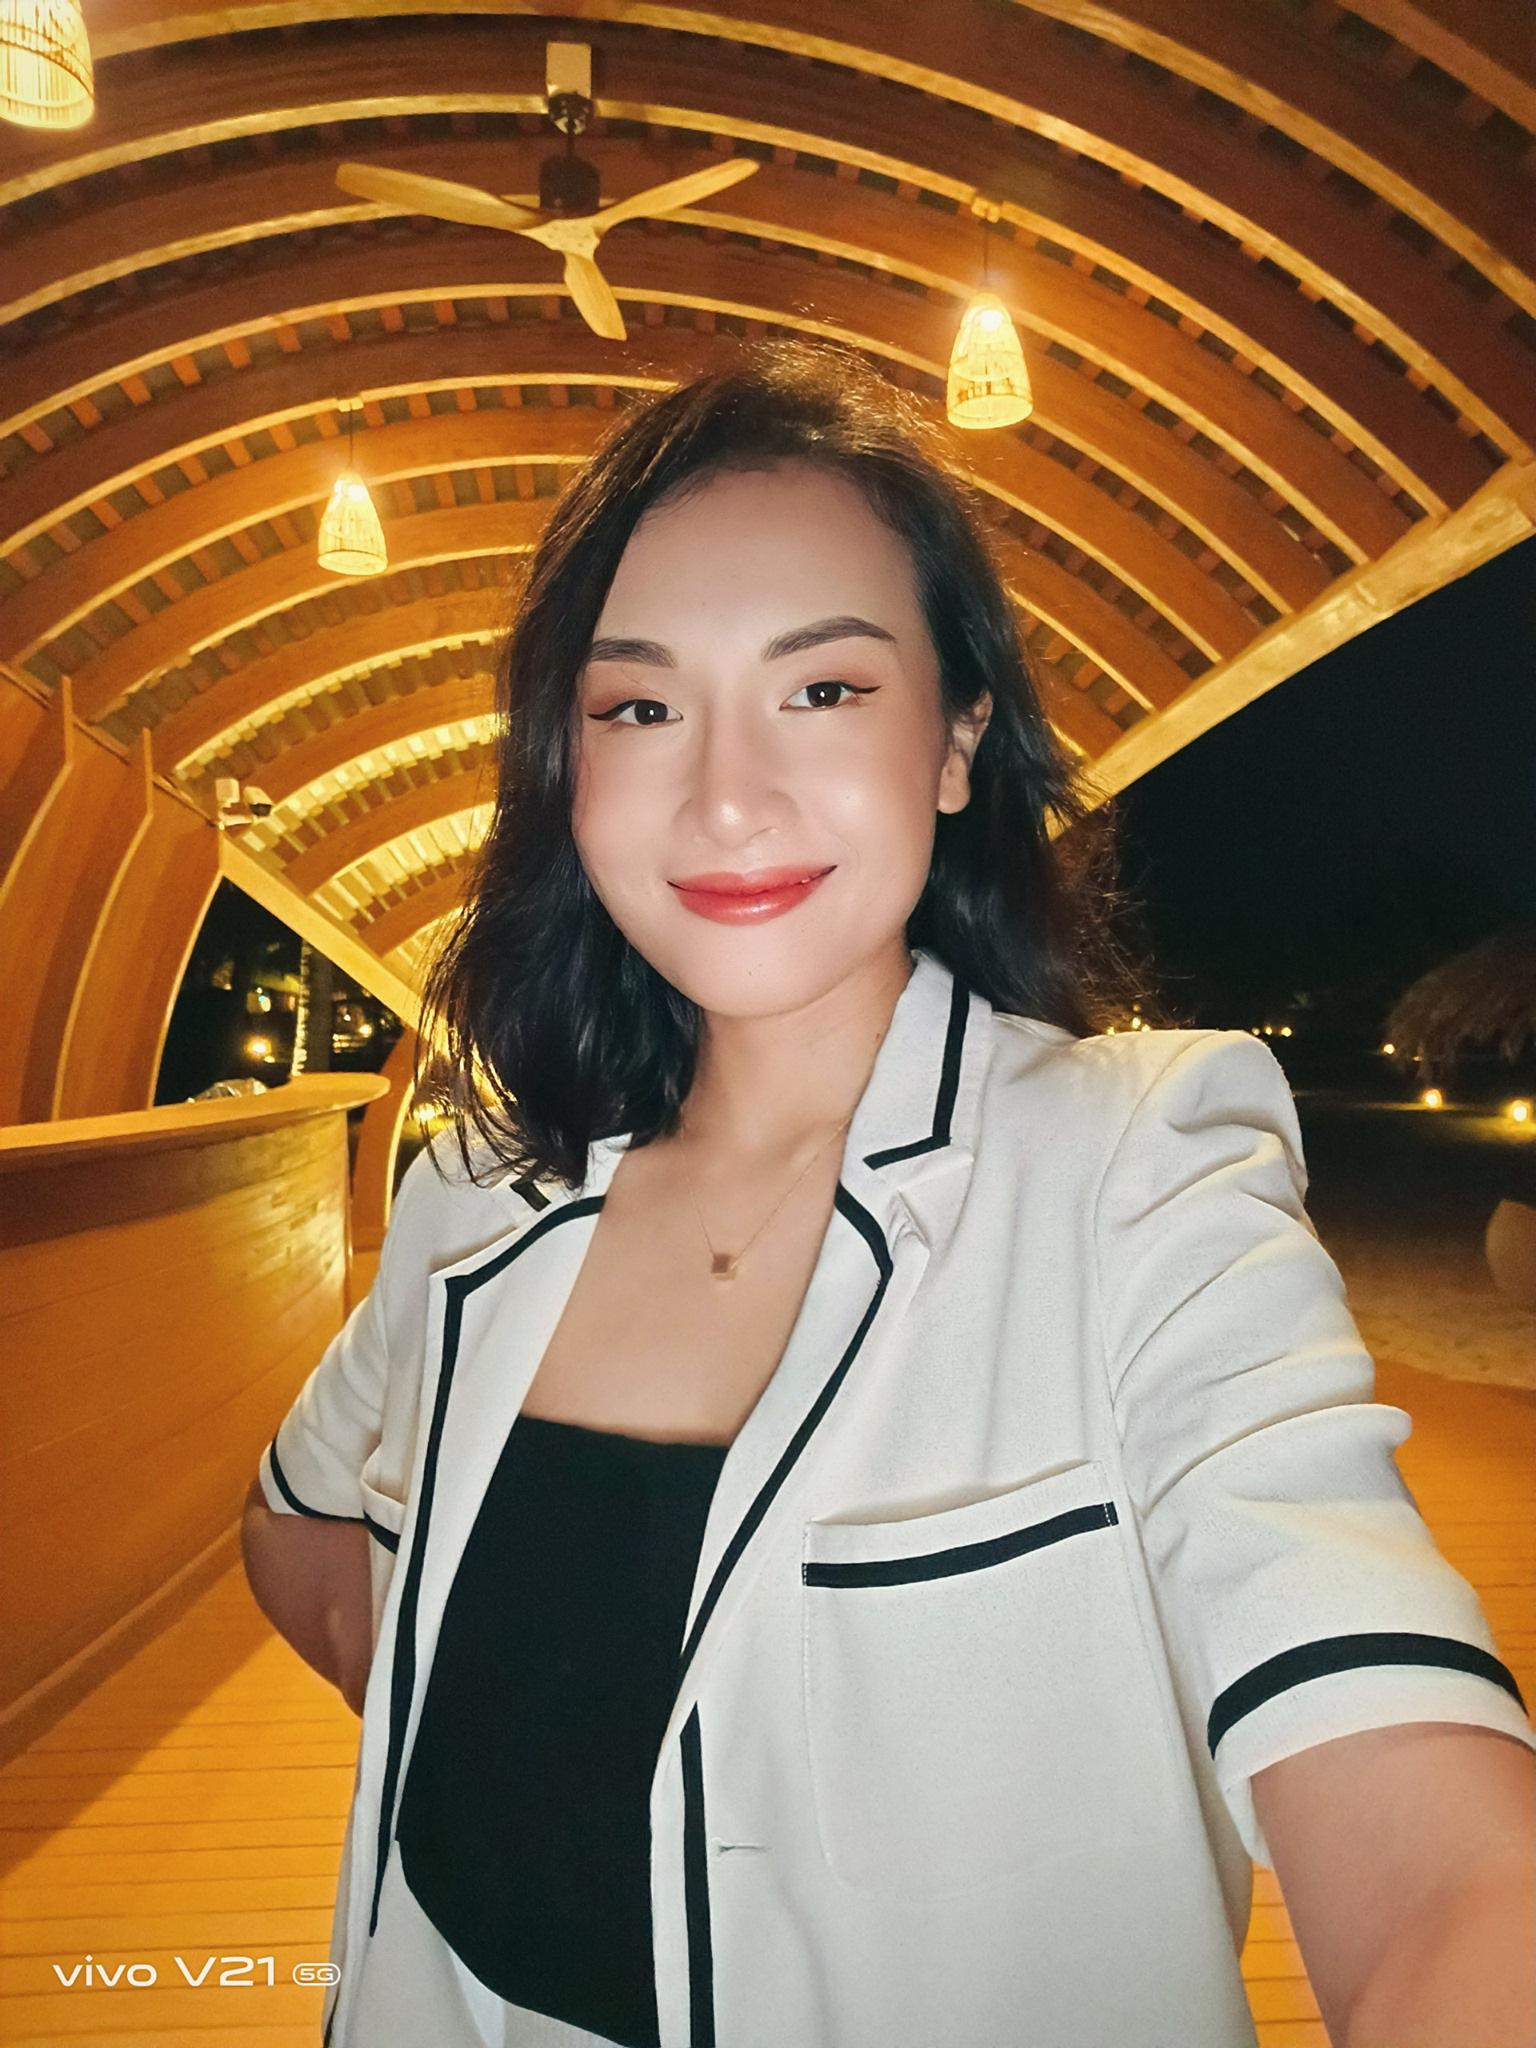 """Mặc trời tối thui, các YouTuber nổi tiếng Giang Ơi, Chan La Cà… vẫn chụp hình cực xịn nhờ """"siêu phẩm selfie"""" này - Ảnh 2."""